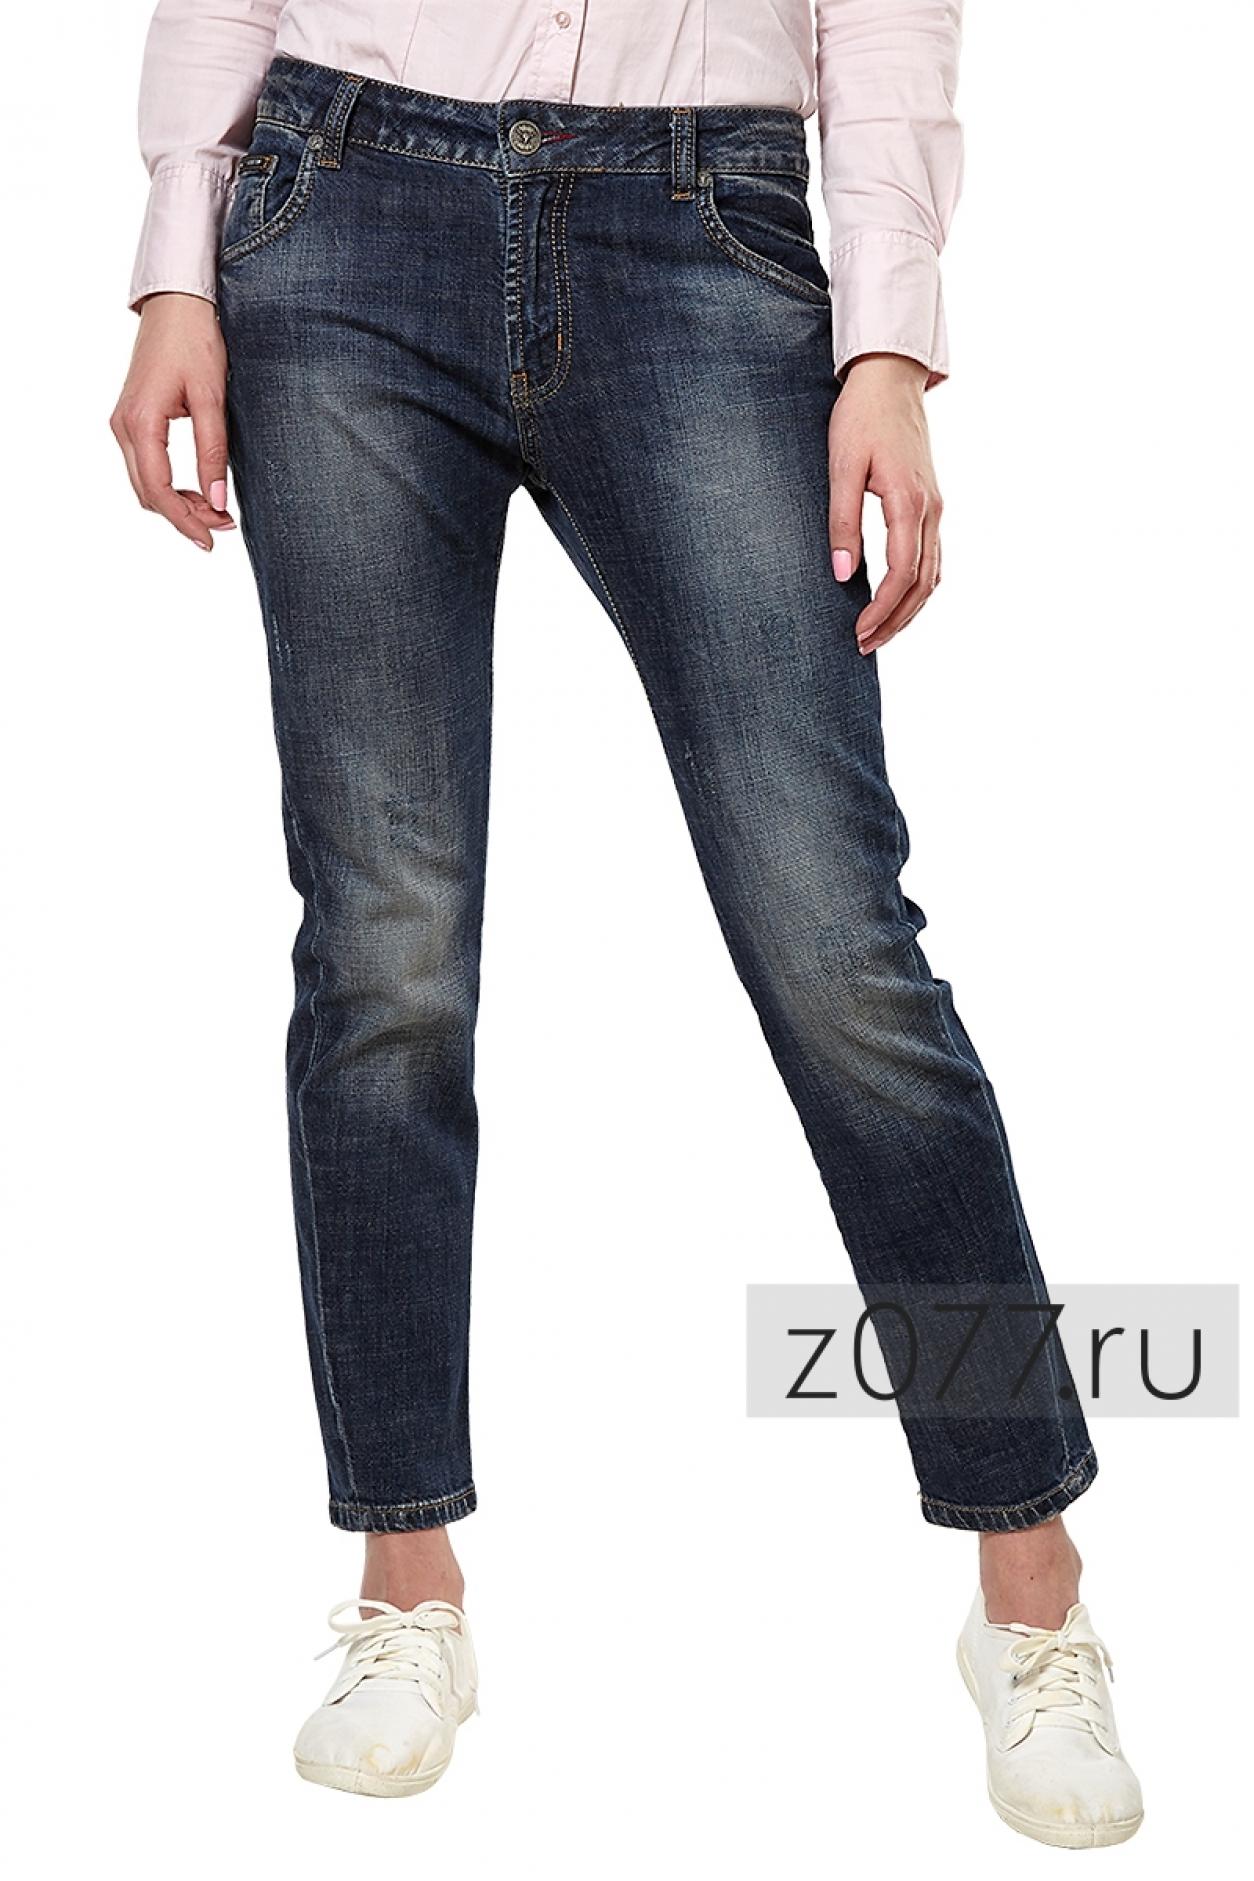 9dcb50c7ab1 Philipp Plein женские джинсы 05841 купить в Москве